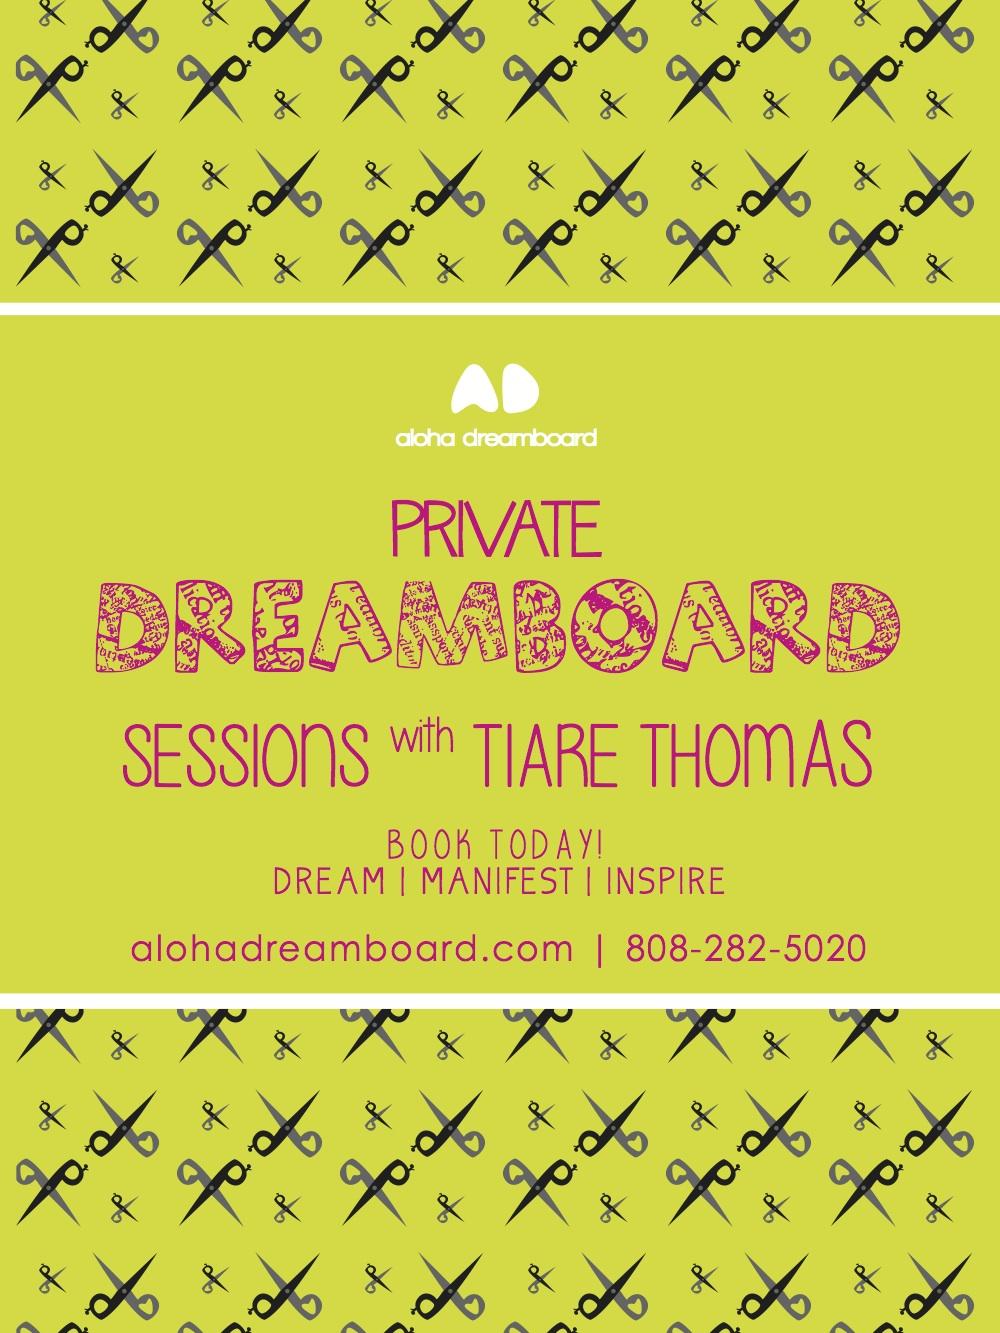 privatedreamboardsession